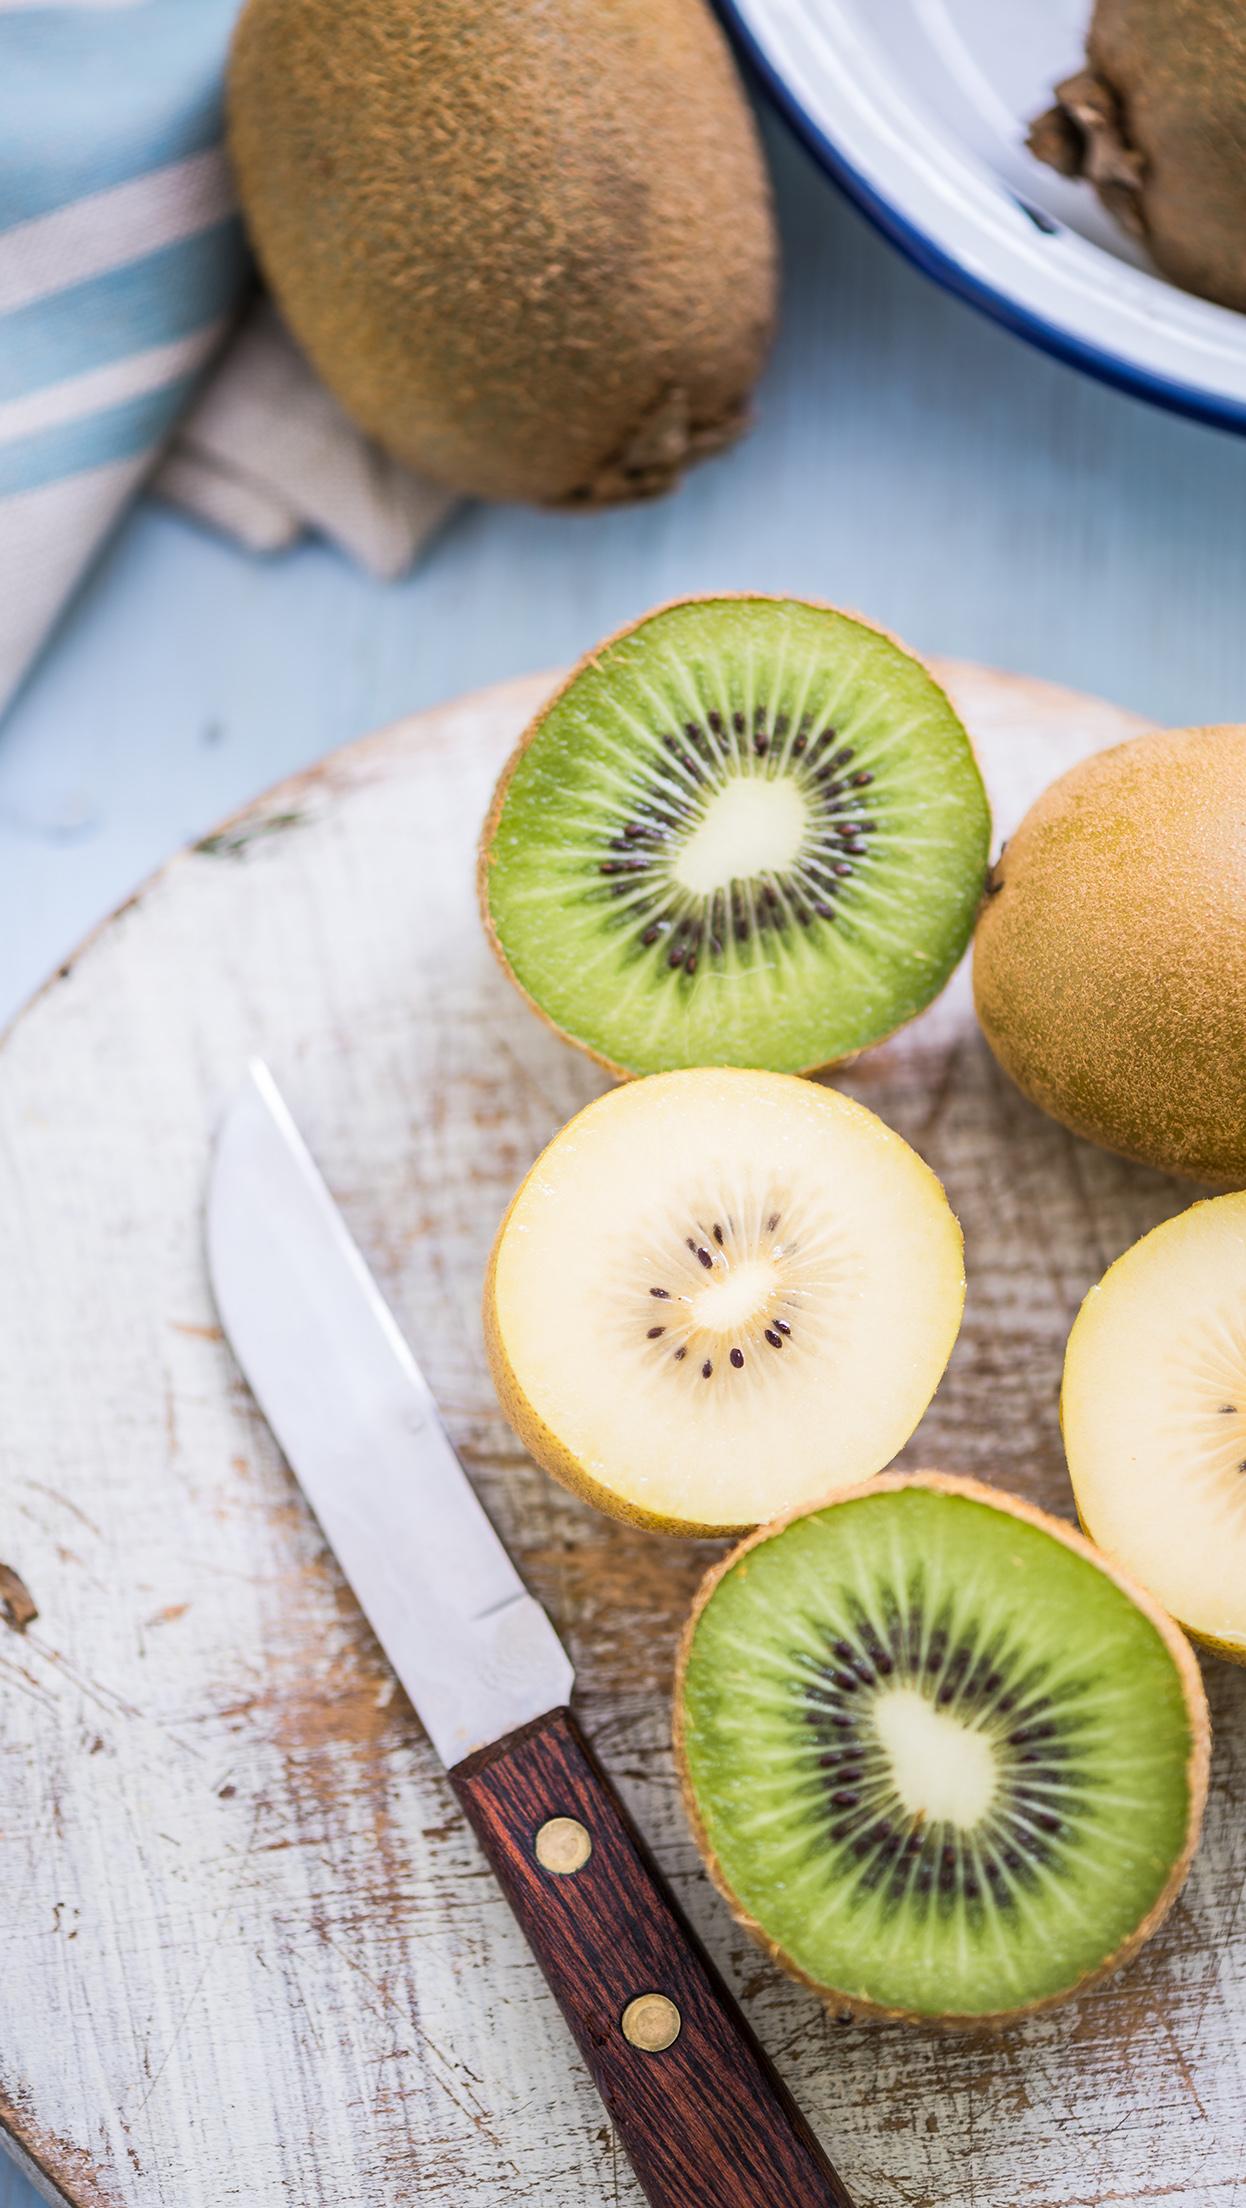 kiwi gold | Flick on food